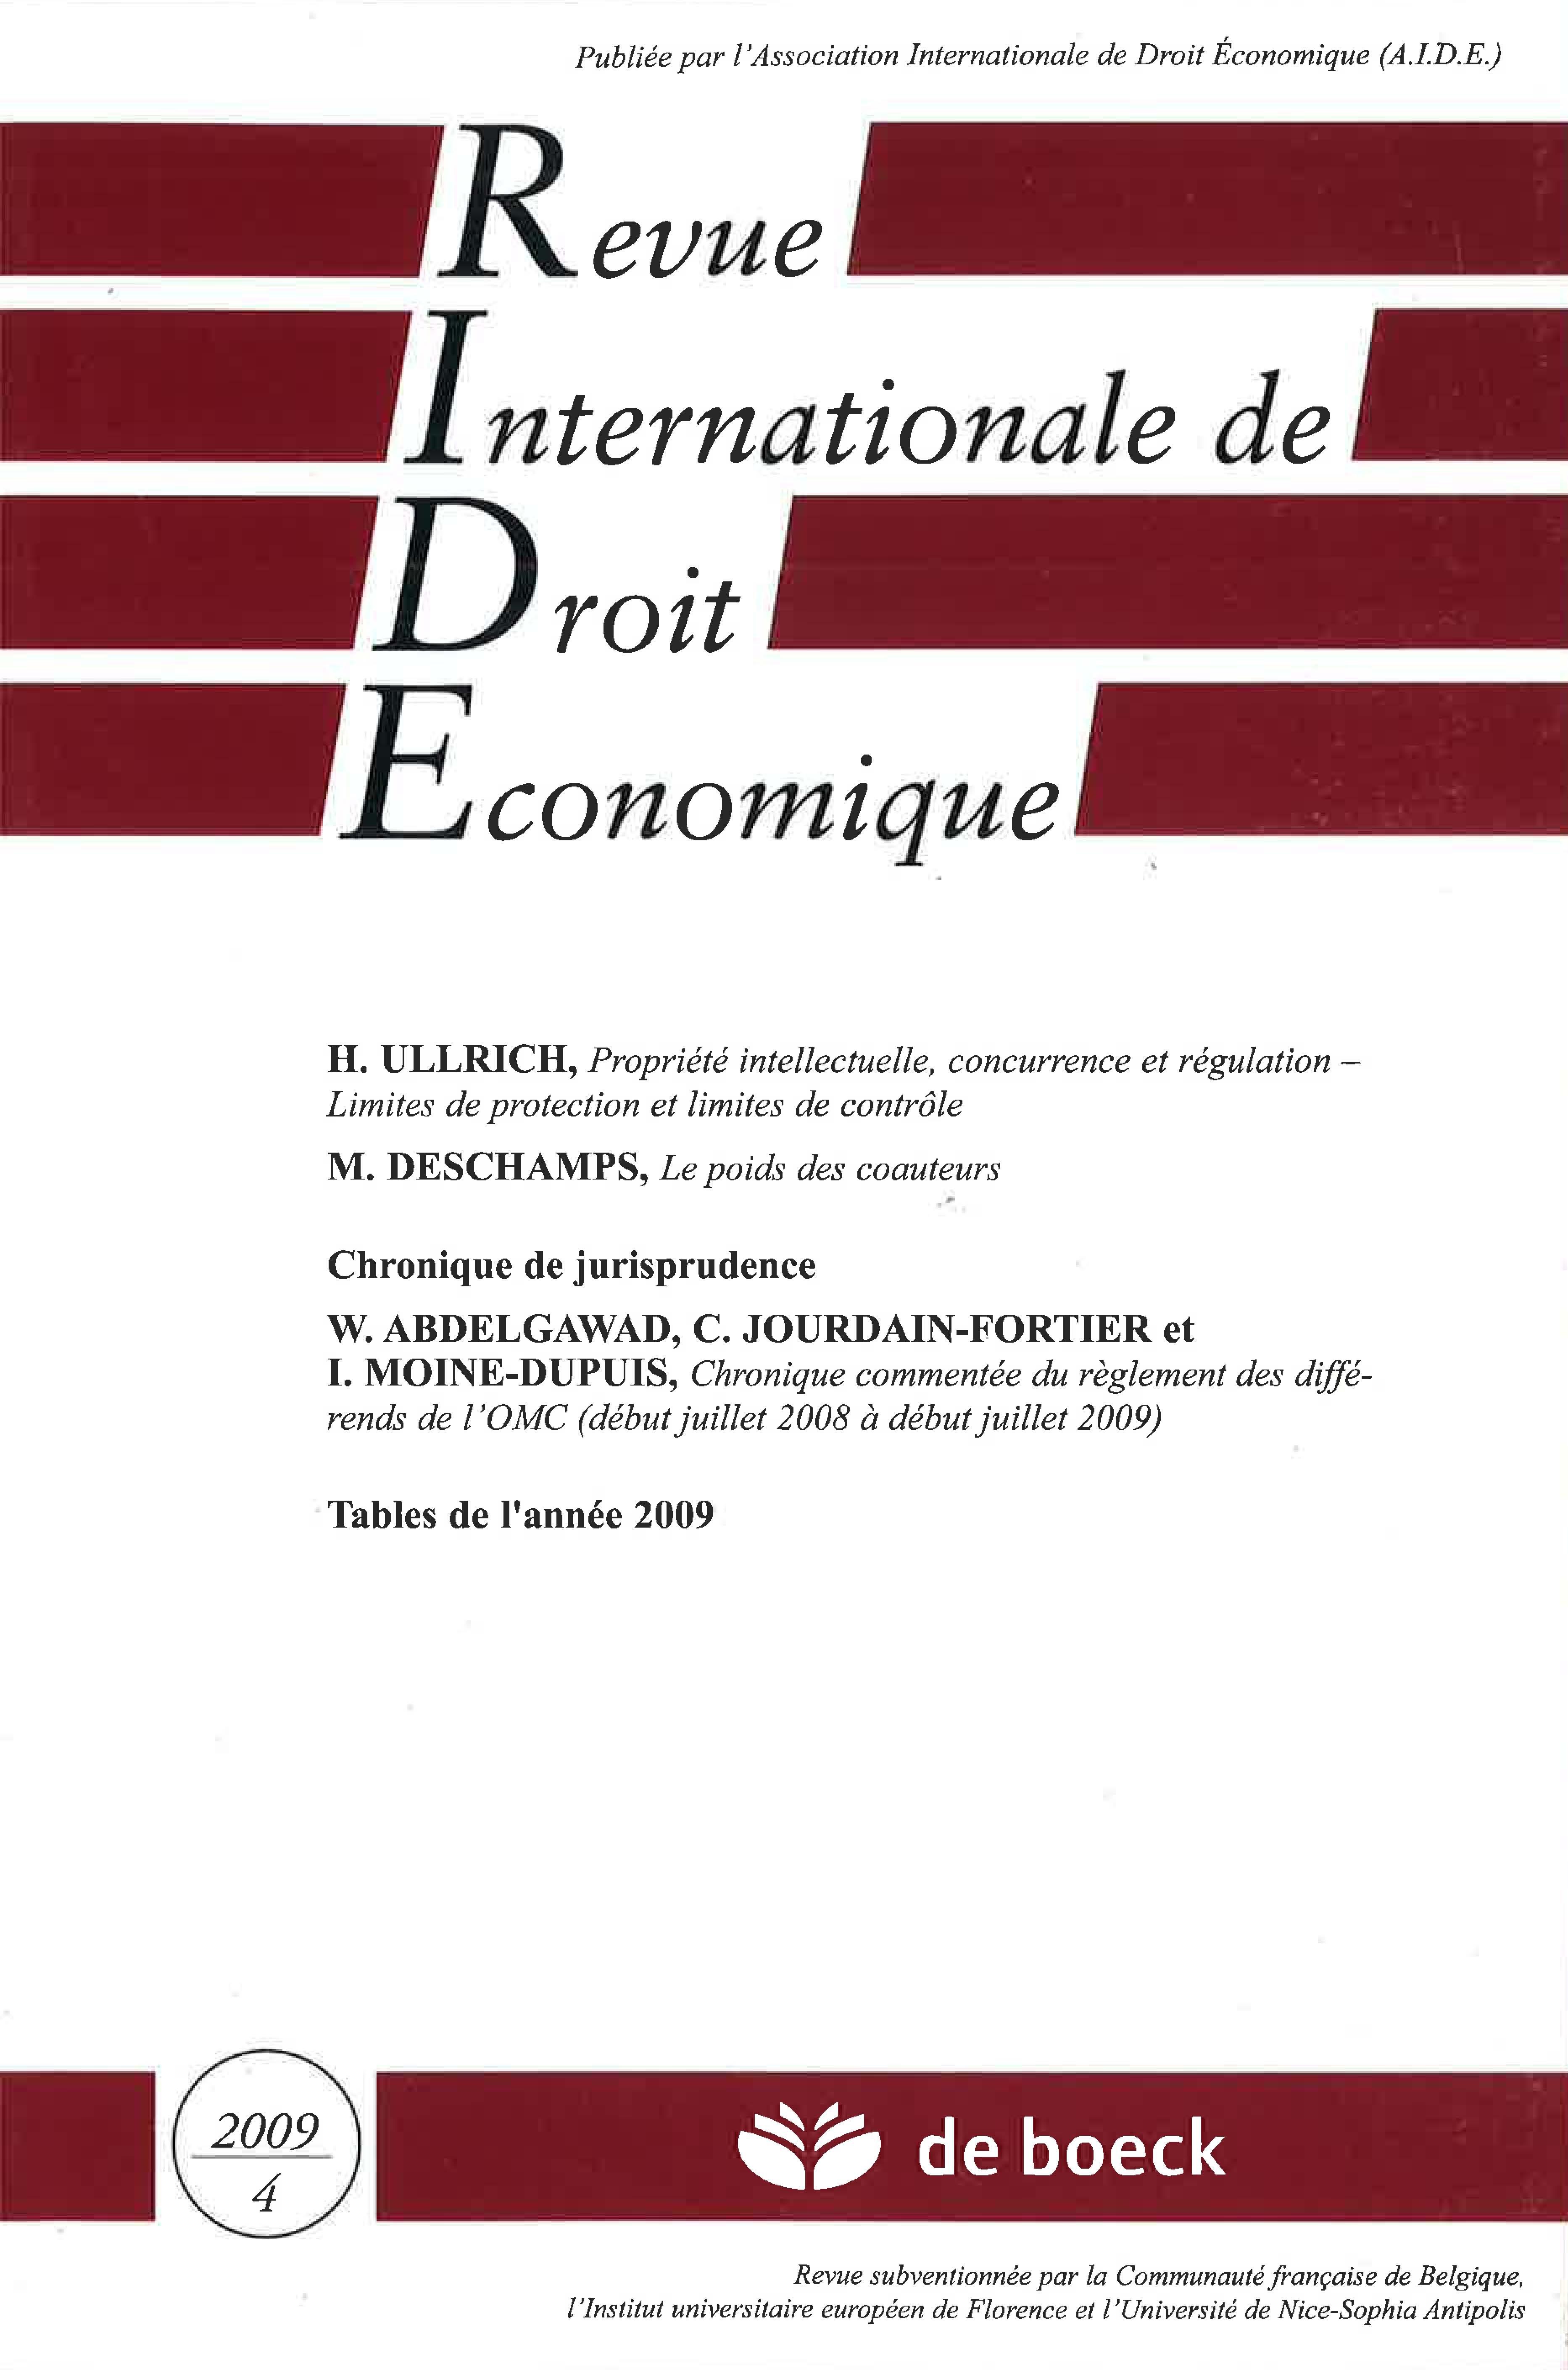 Propriété intellectuelle, concurrence et régulation – limites de protection  et limites de contrôle   Cairn.info 5bd363bf2cbd